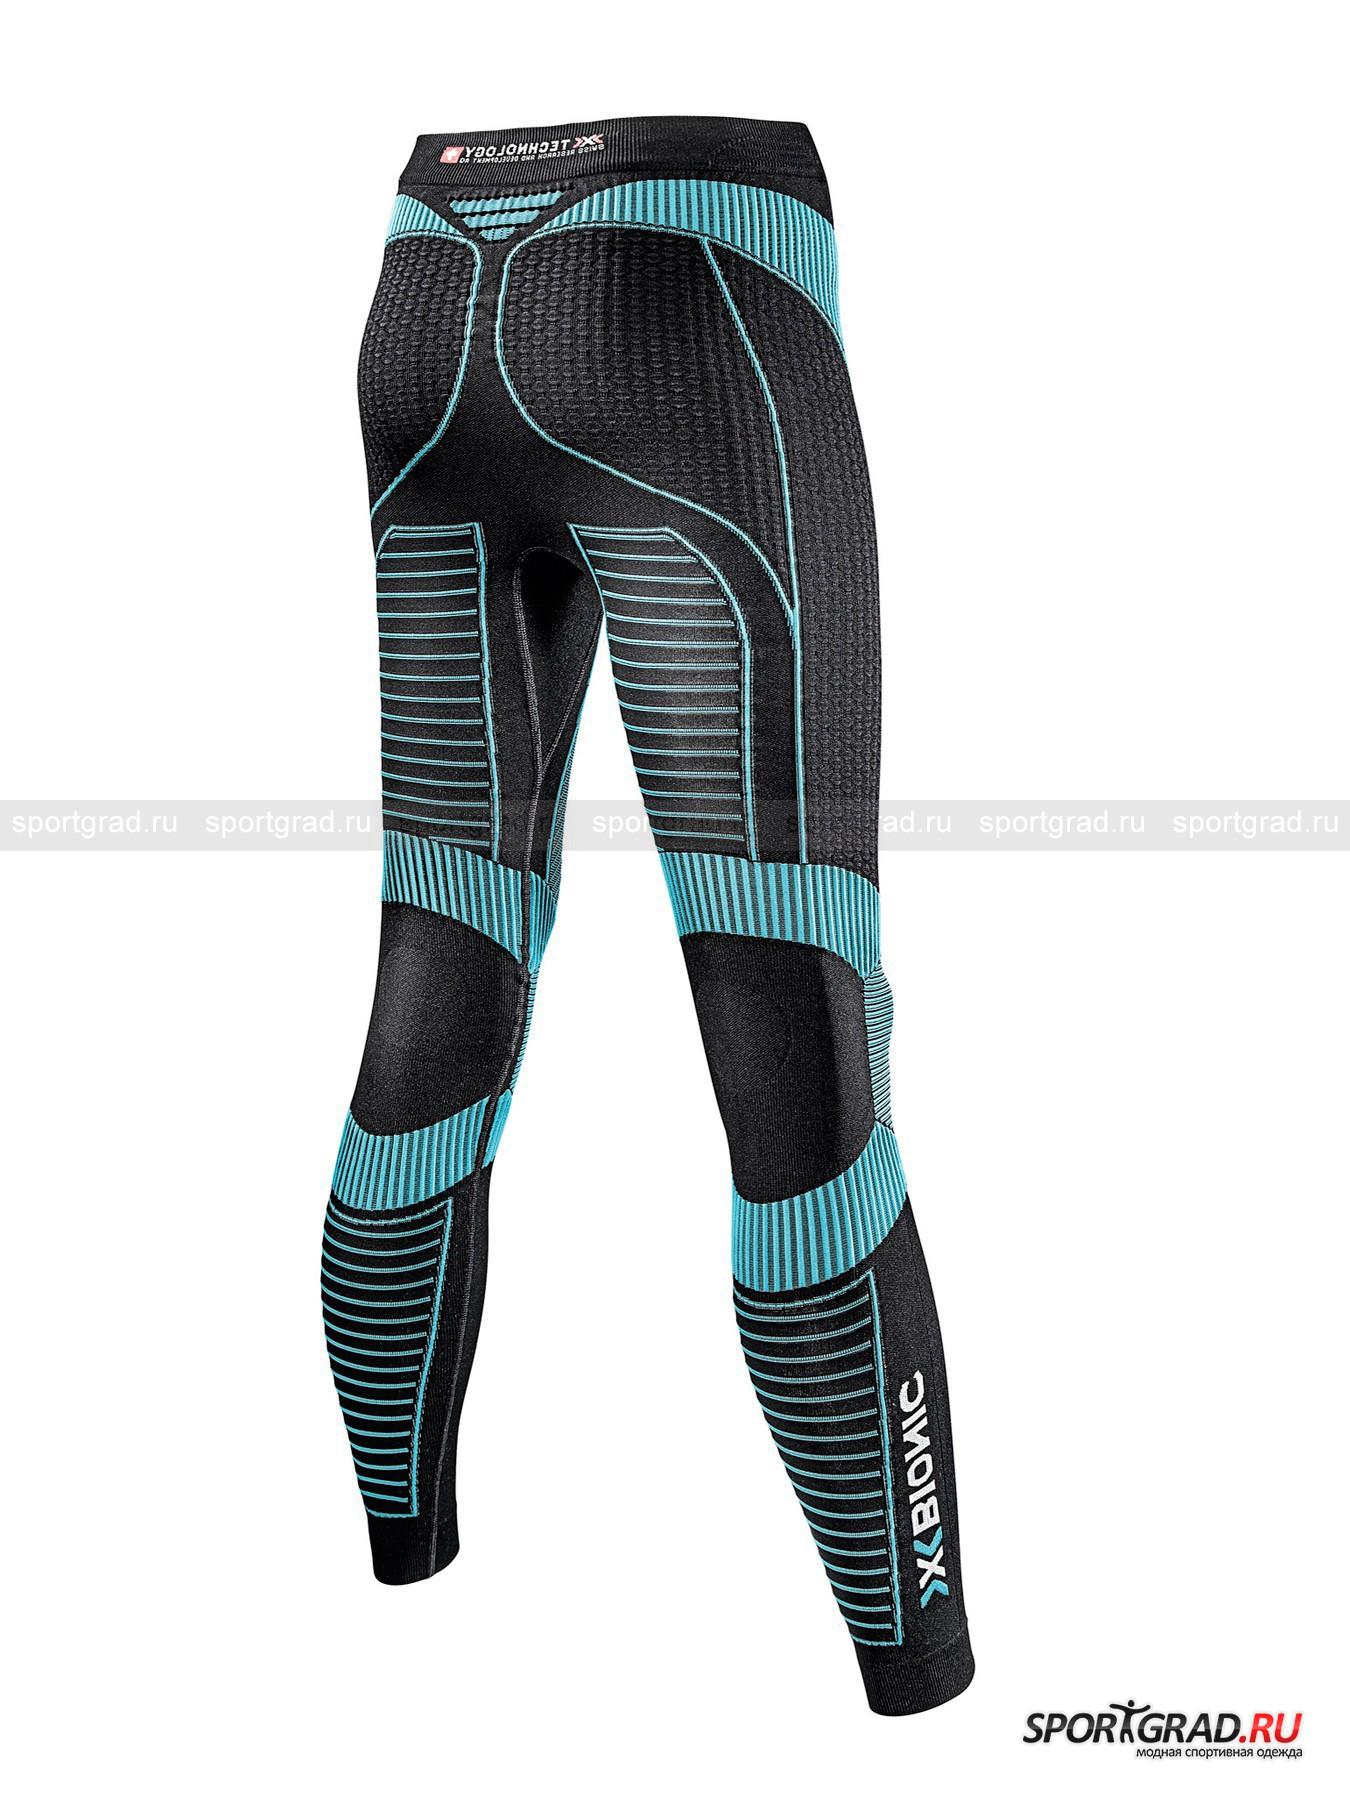 Белье: термолеггинсы женские Effektor power Running pants long X для бега от Спортград